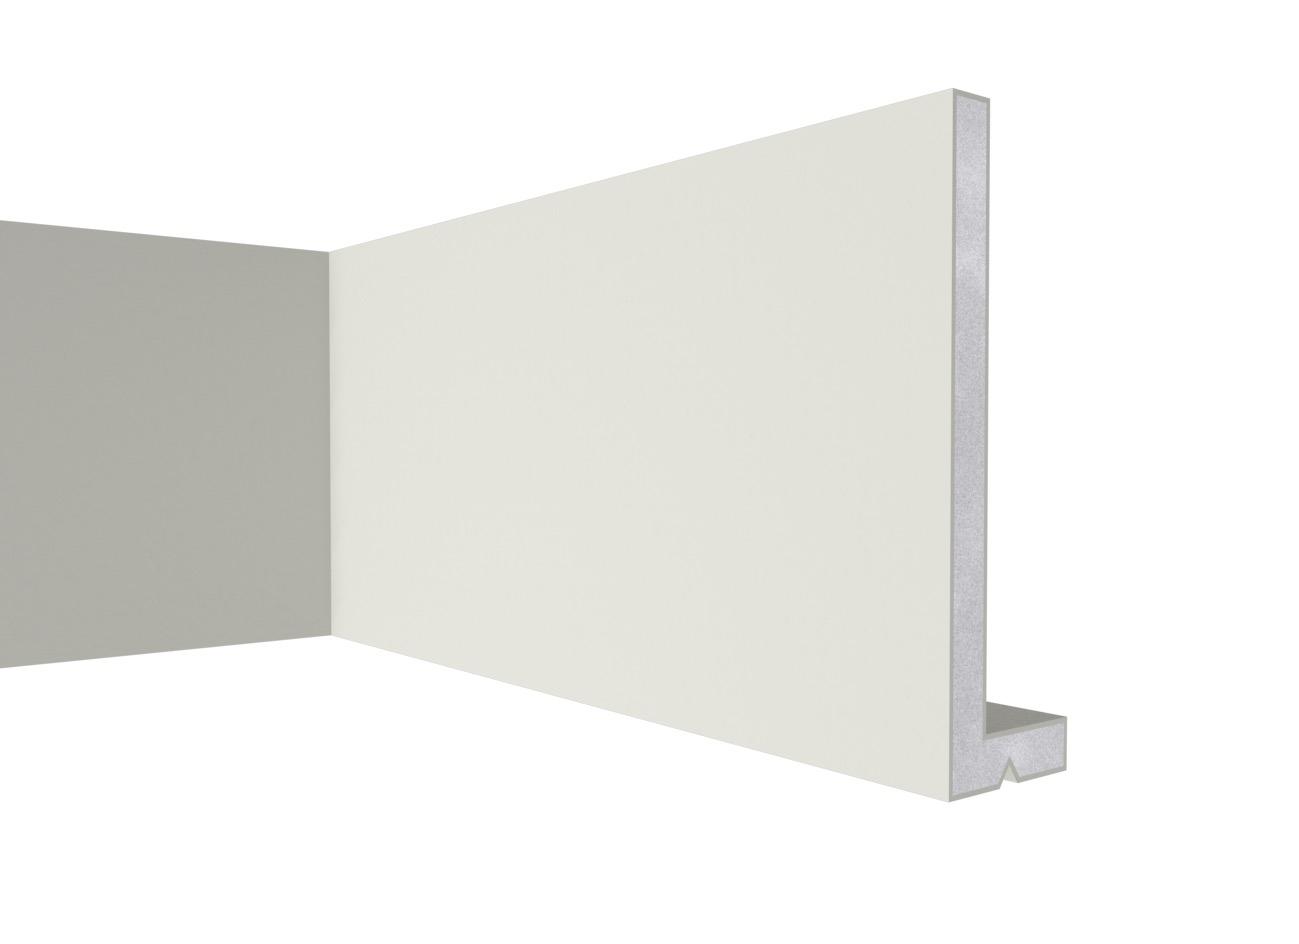 Front 24 - Cornice per balconi e frontalini - Decorget - Ital Decori - Image 0